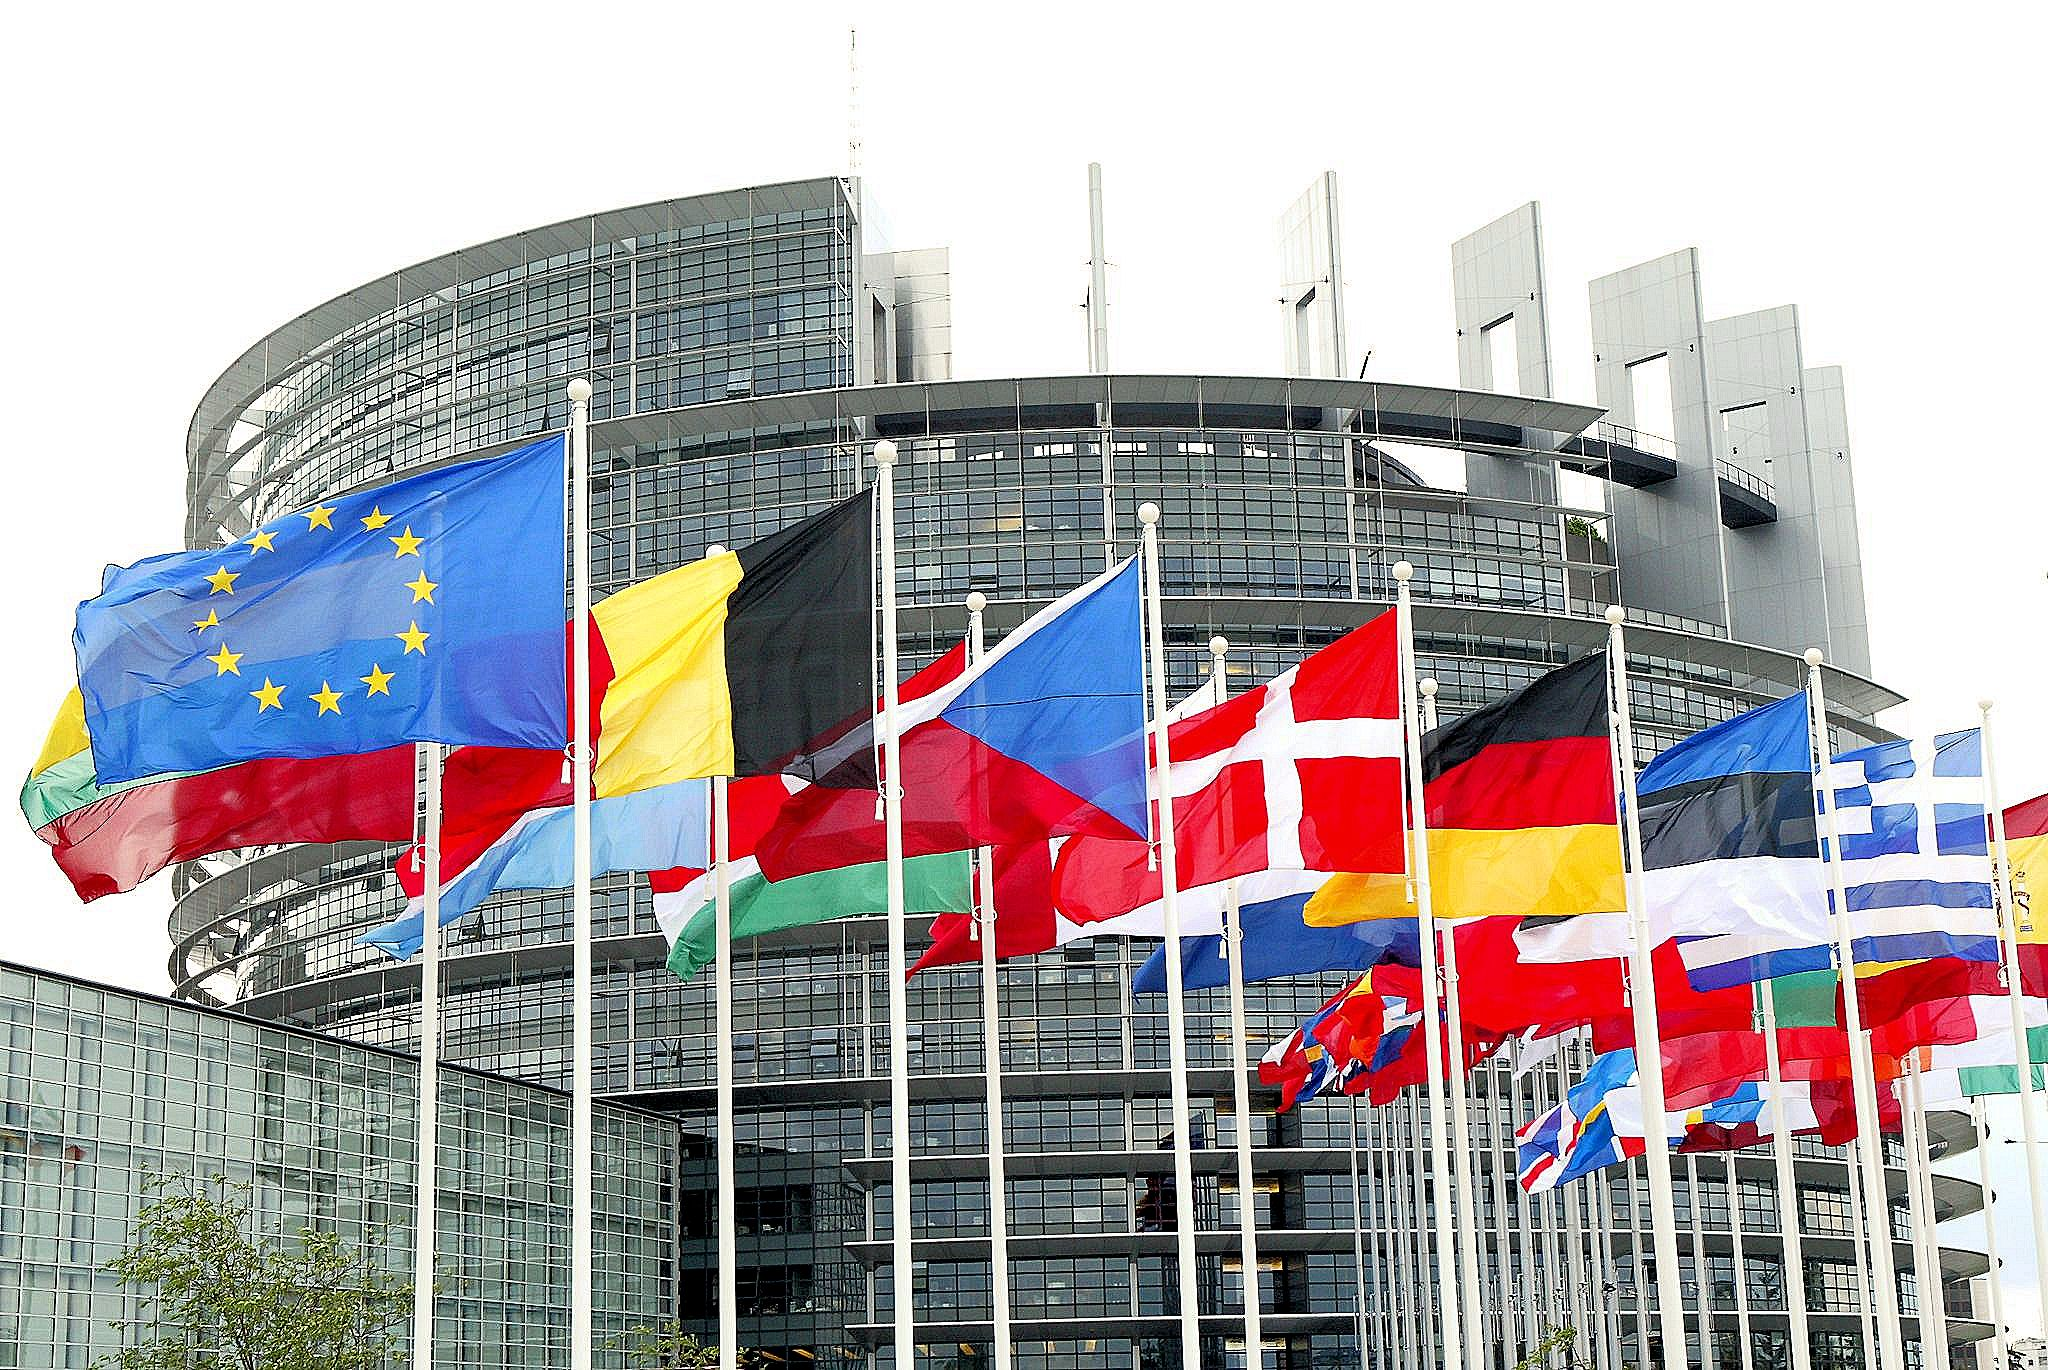 ЕС принял Пакет мобильности. Деятельность автоперевозчиков в ЕС будет ужесточена 1